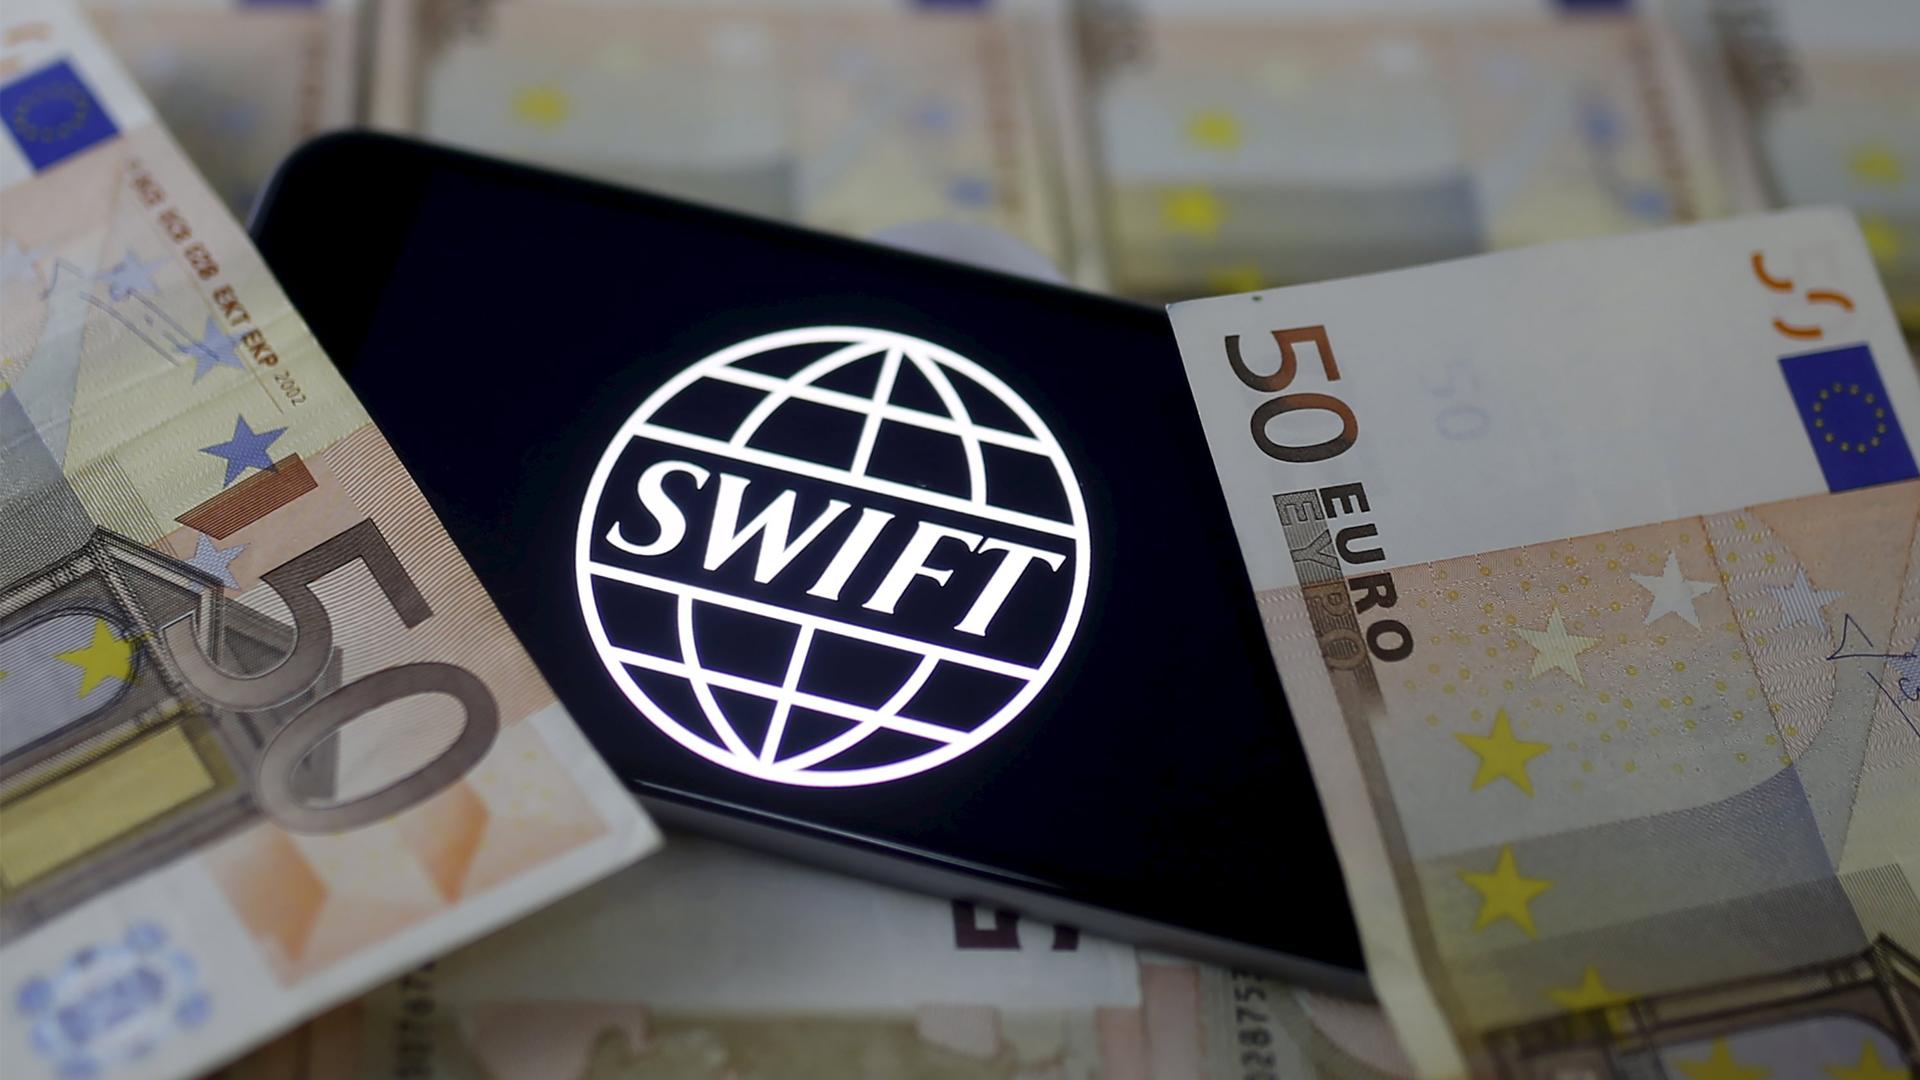 Немецкие СМИ обвинили Россию в угрозах финансового кризиса из-за подготовки выхода из SWIFT